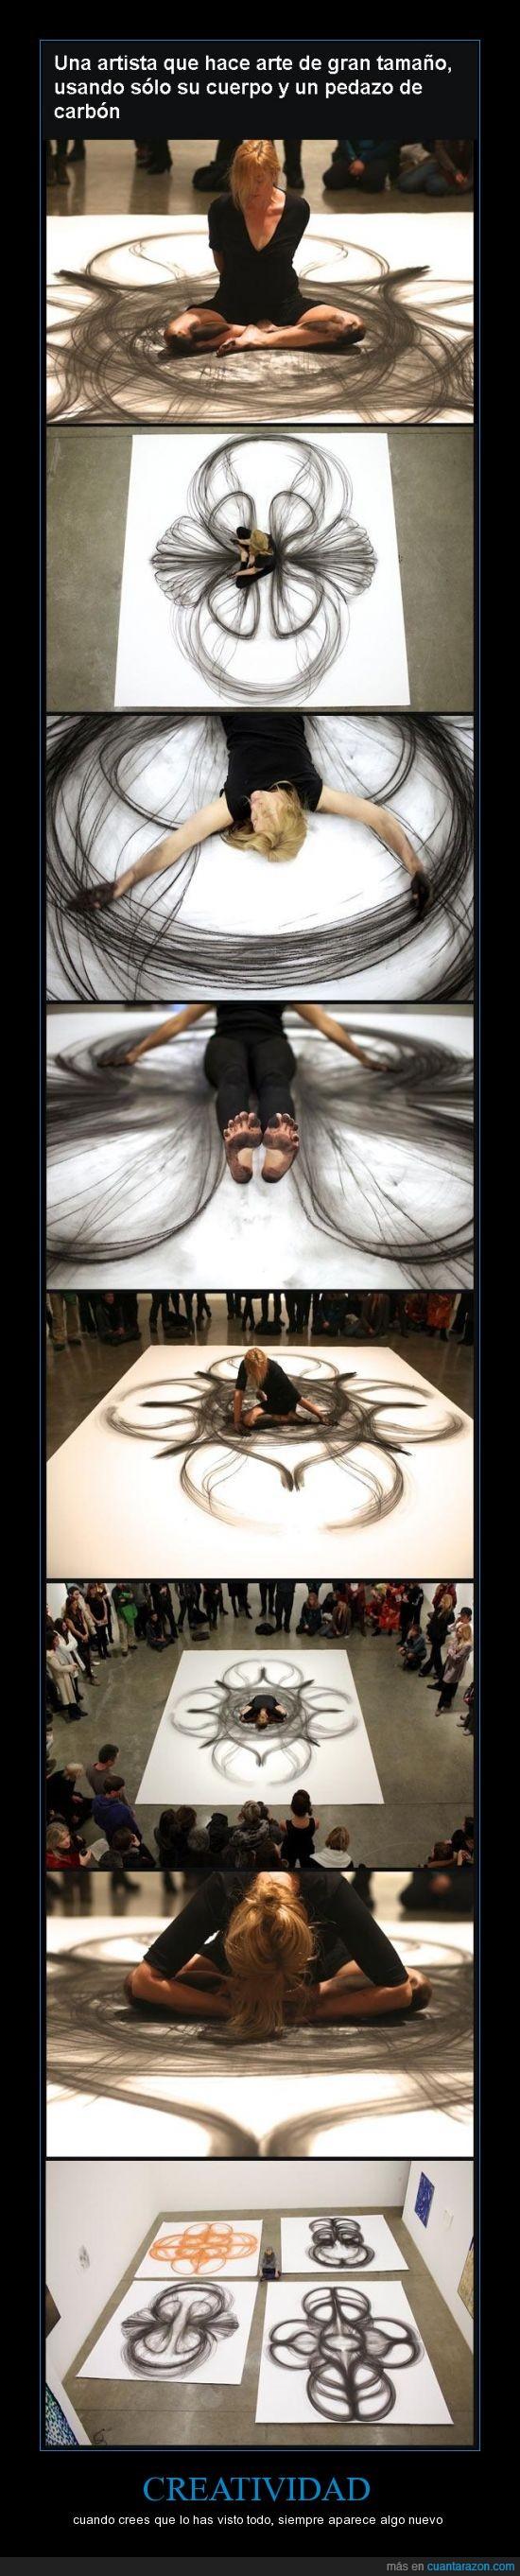 aparece,arte,carbon,creatividad,cuerpo,siempre